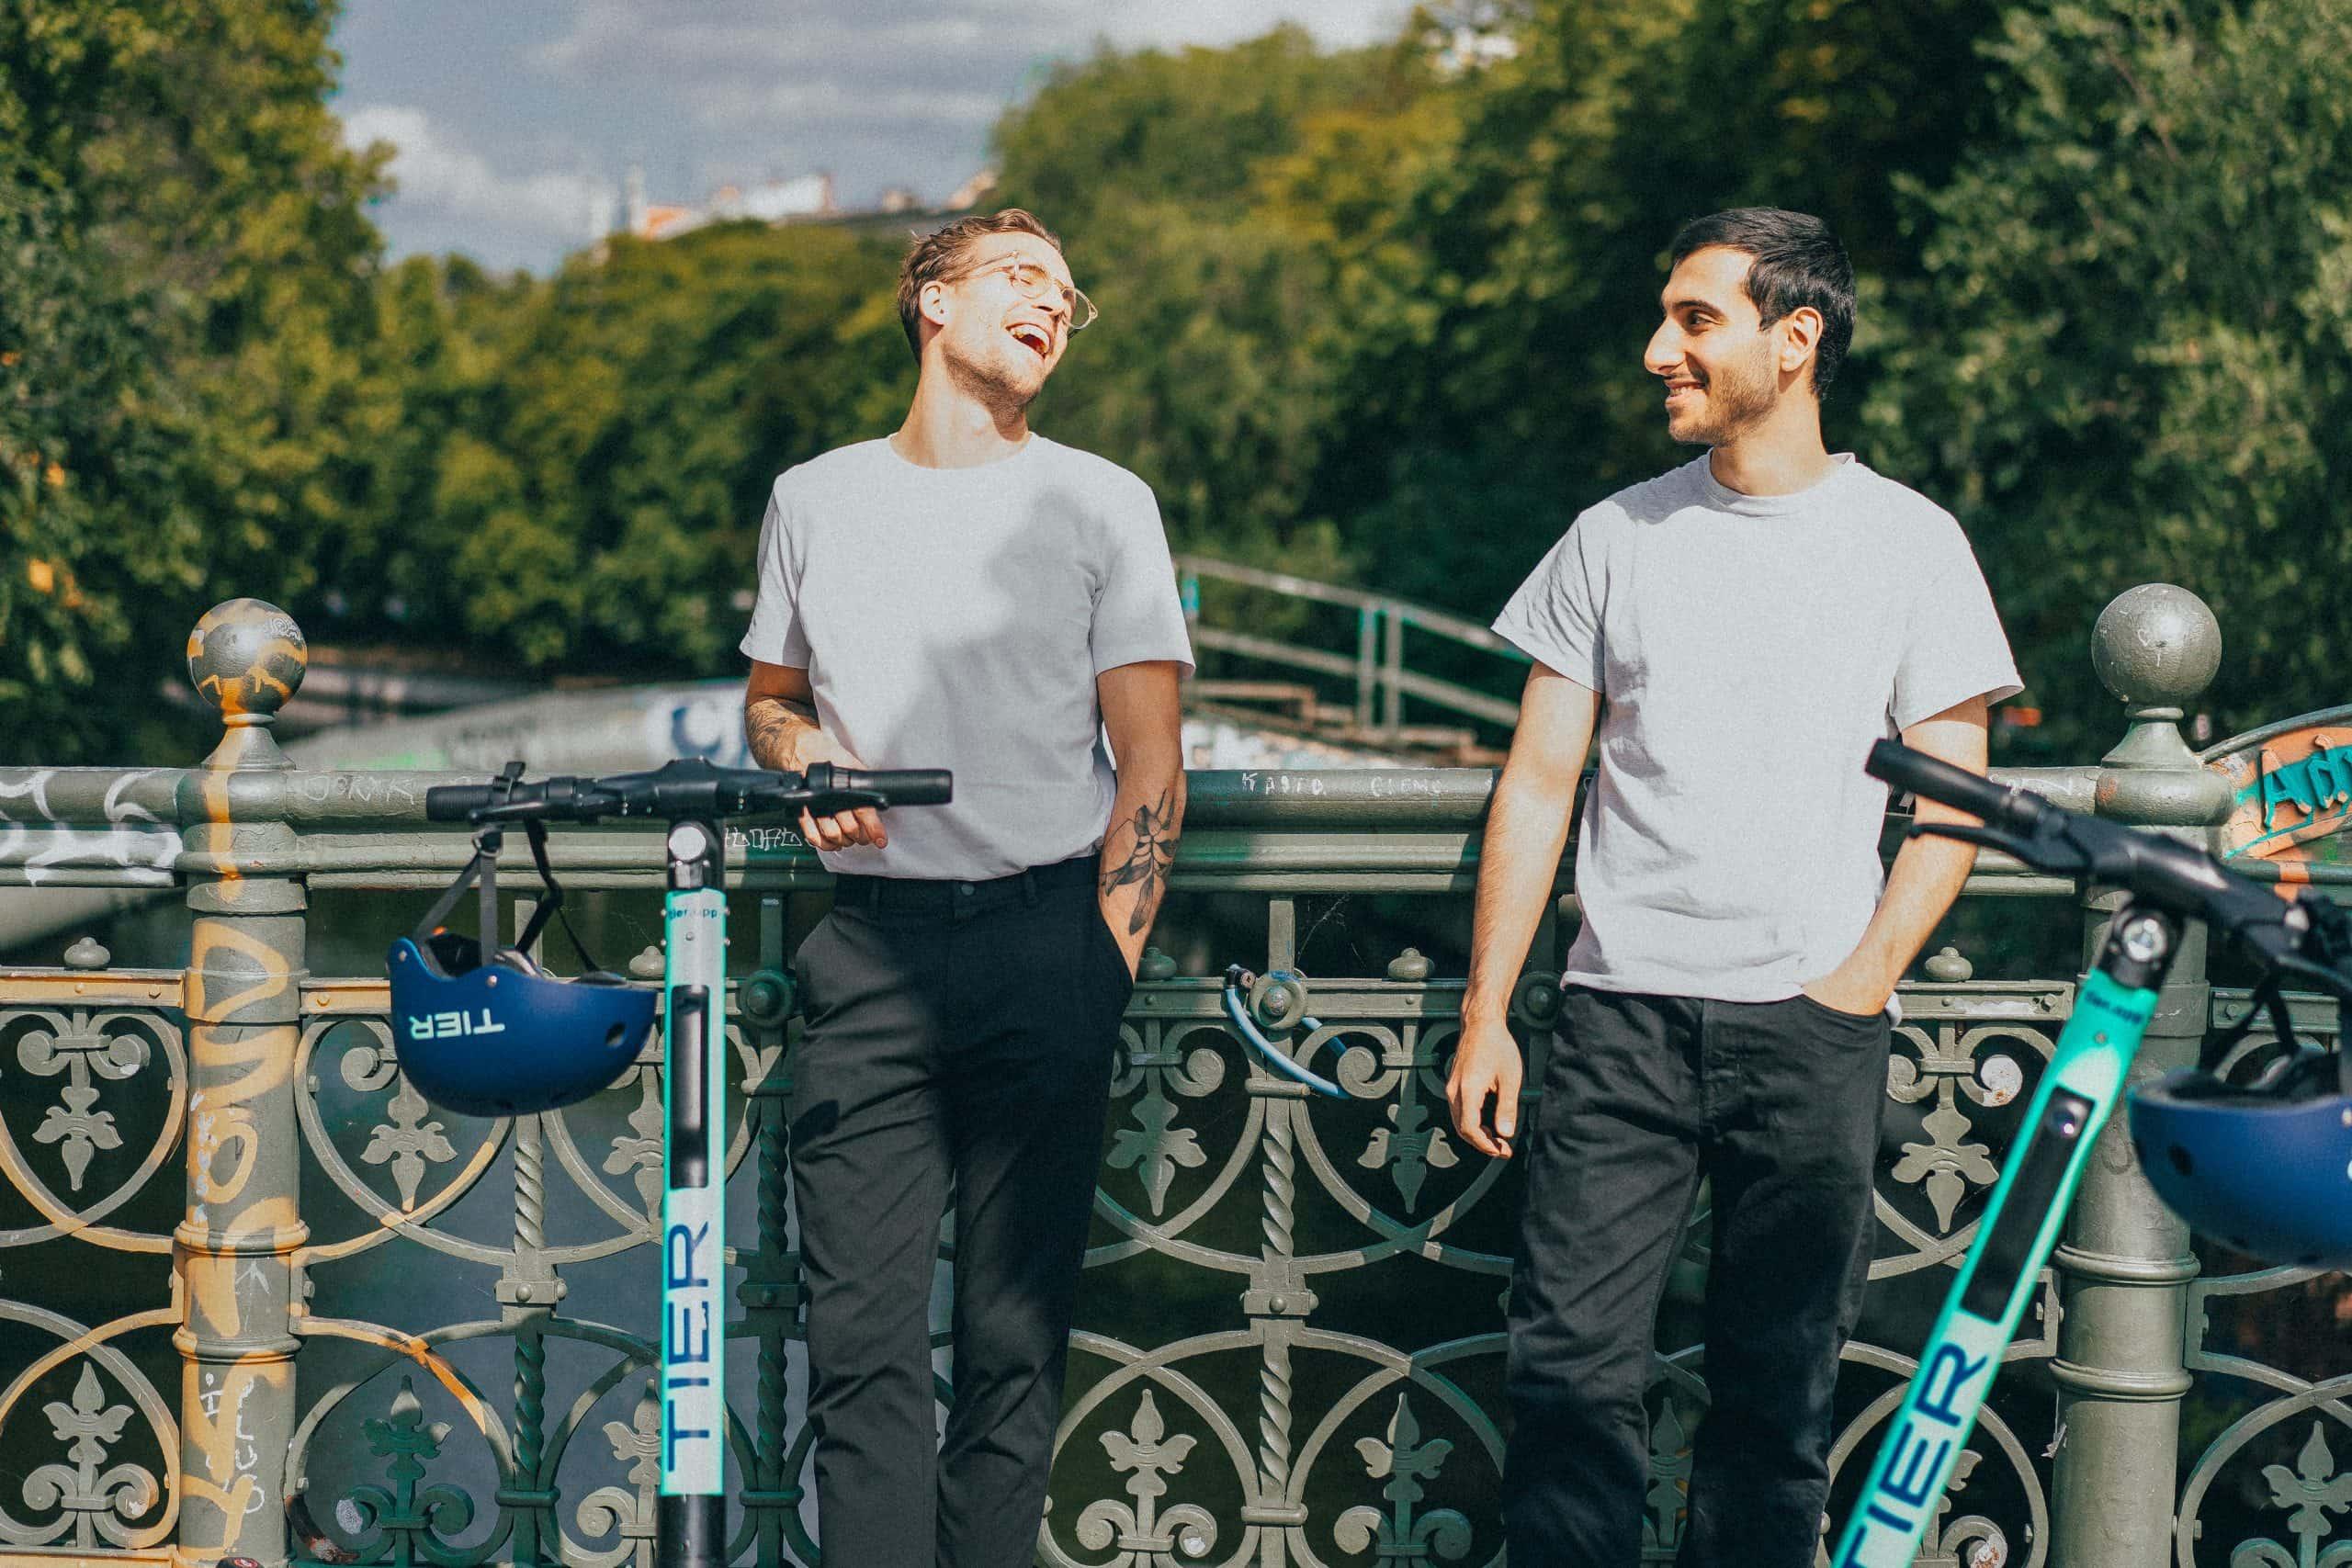 Das E-Scooter-Start-up Tier kommt aus Berlin. Foto: Tier Mobility